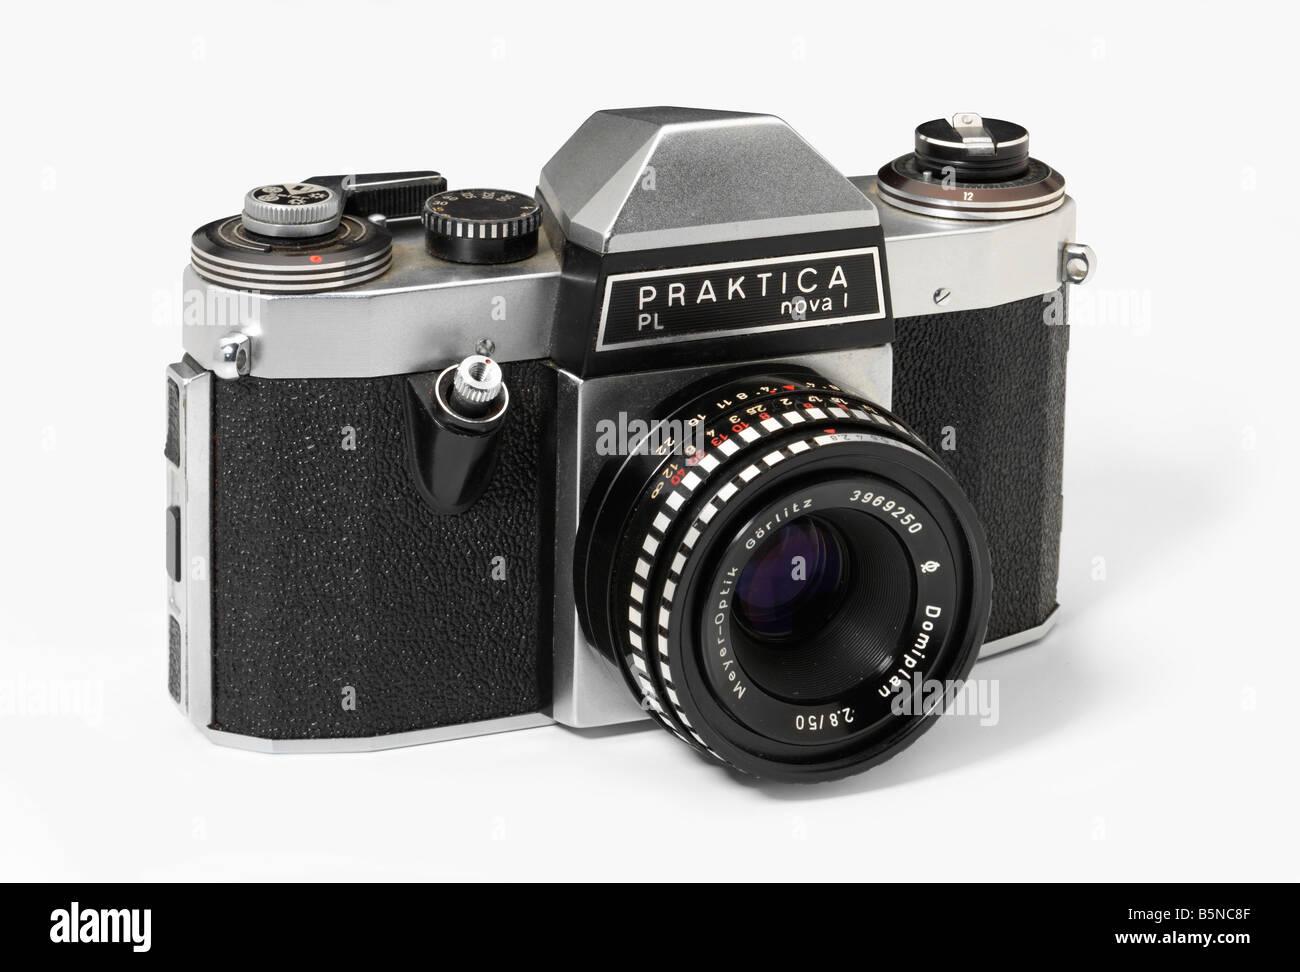 Praktica Nova 1 35mm single lens reflex camera - Stock Image